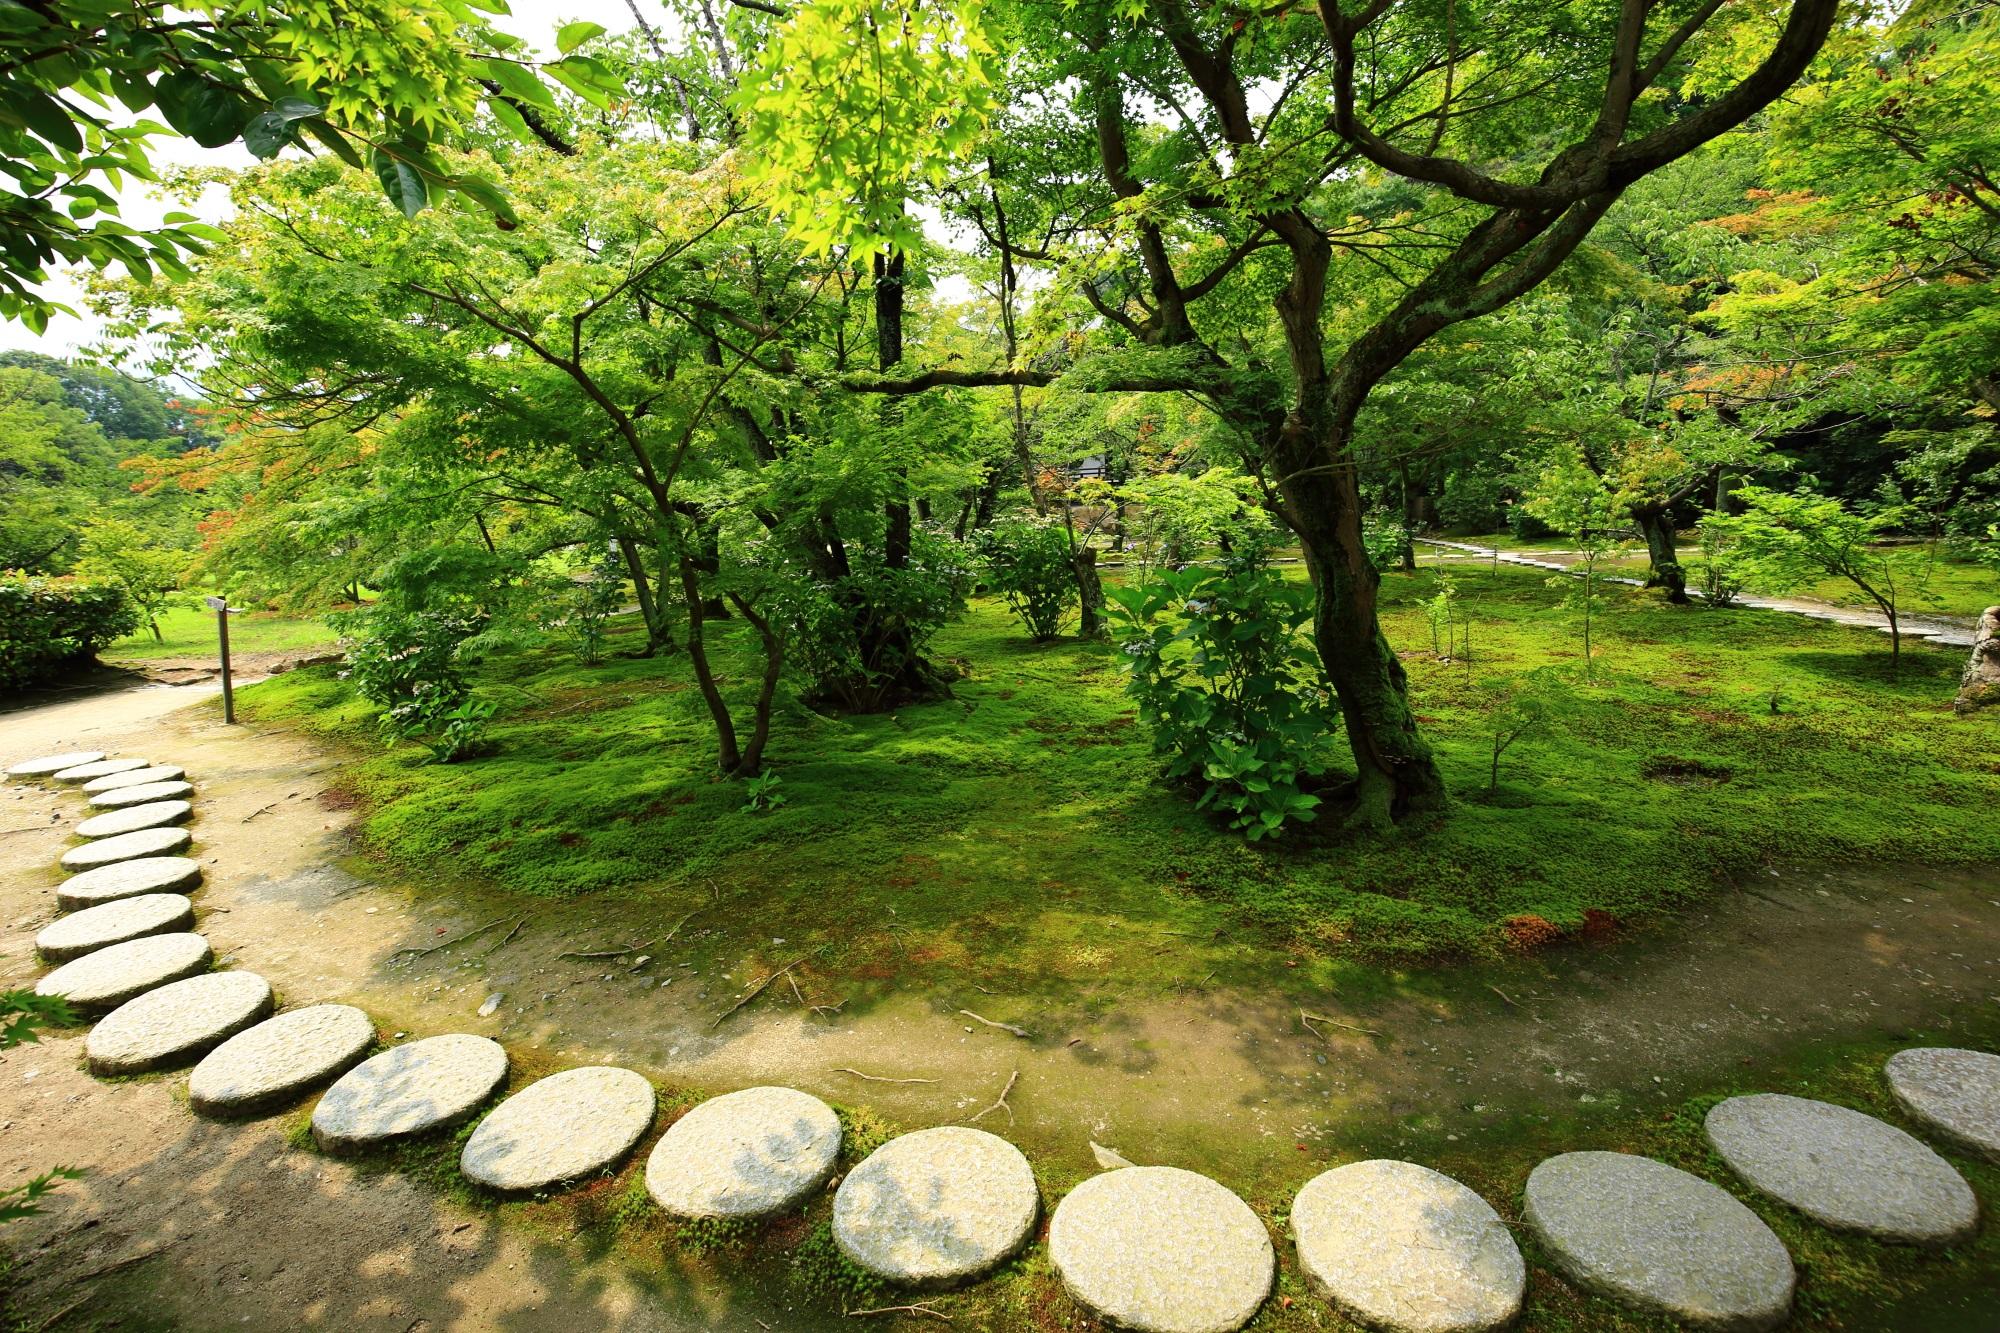 青もみじと苔の緑を囲むように続く丸い飛び石の参道